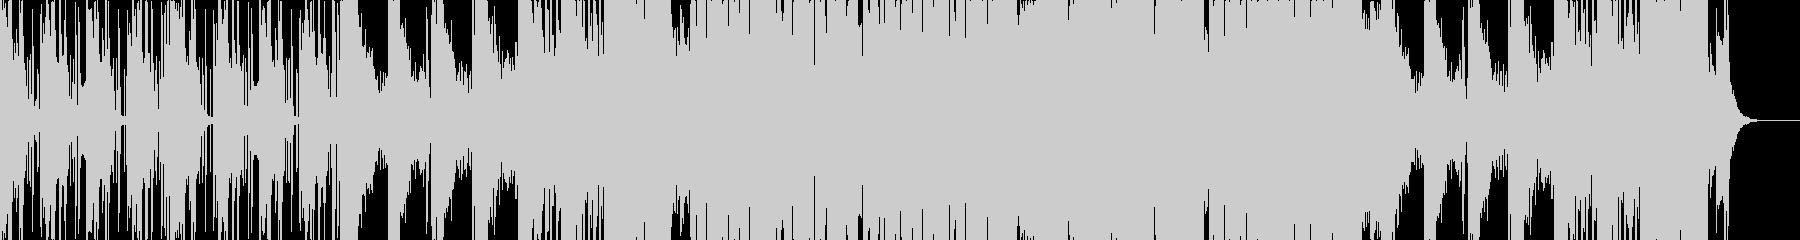 低音が響いてるダークダブステップの未再生の波形